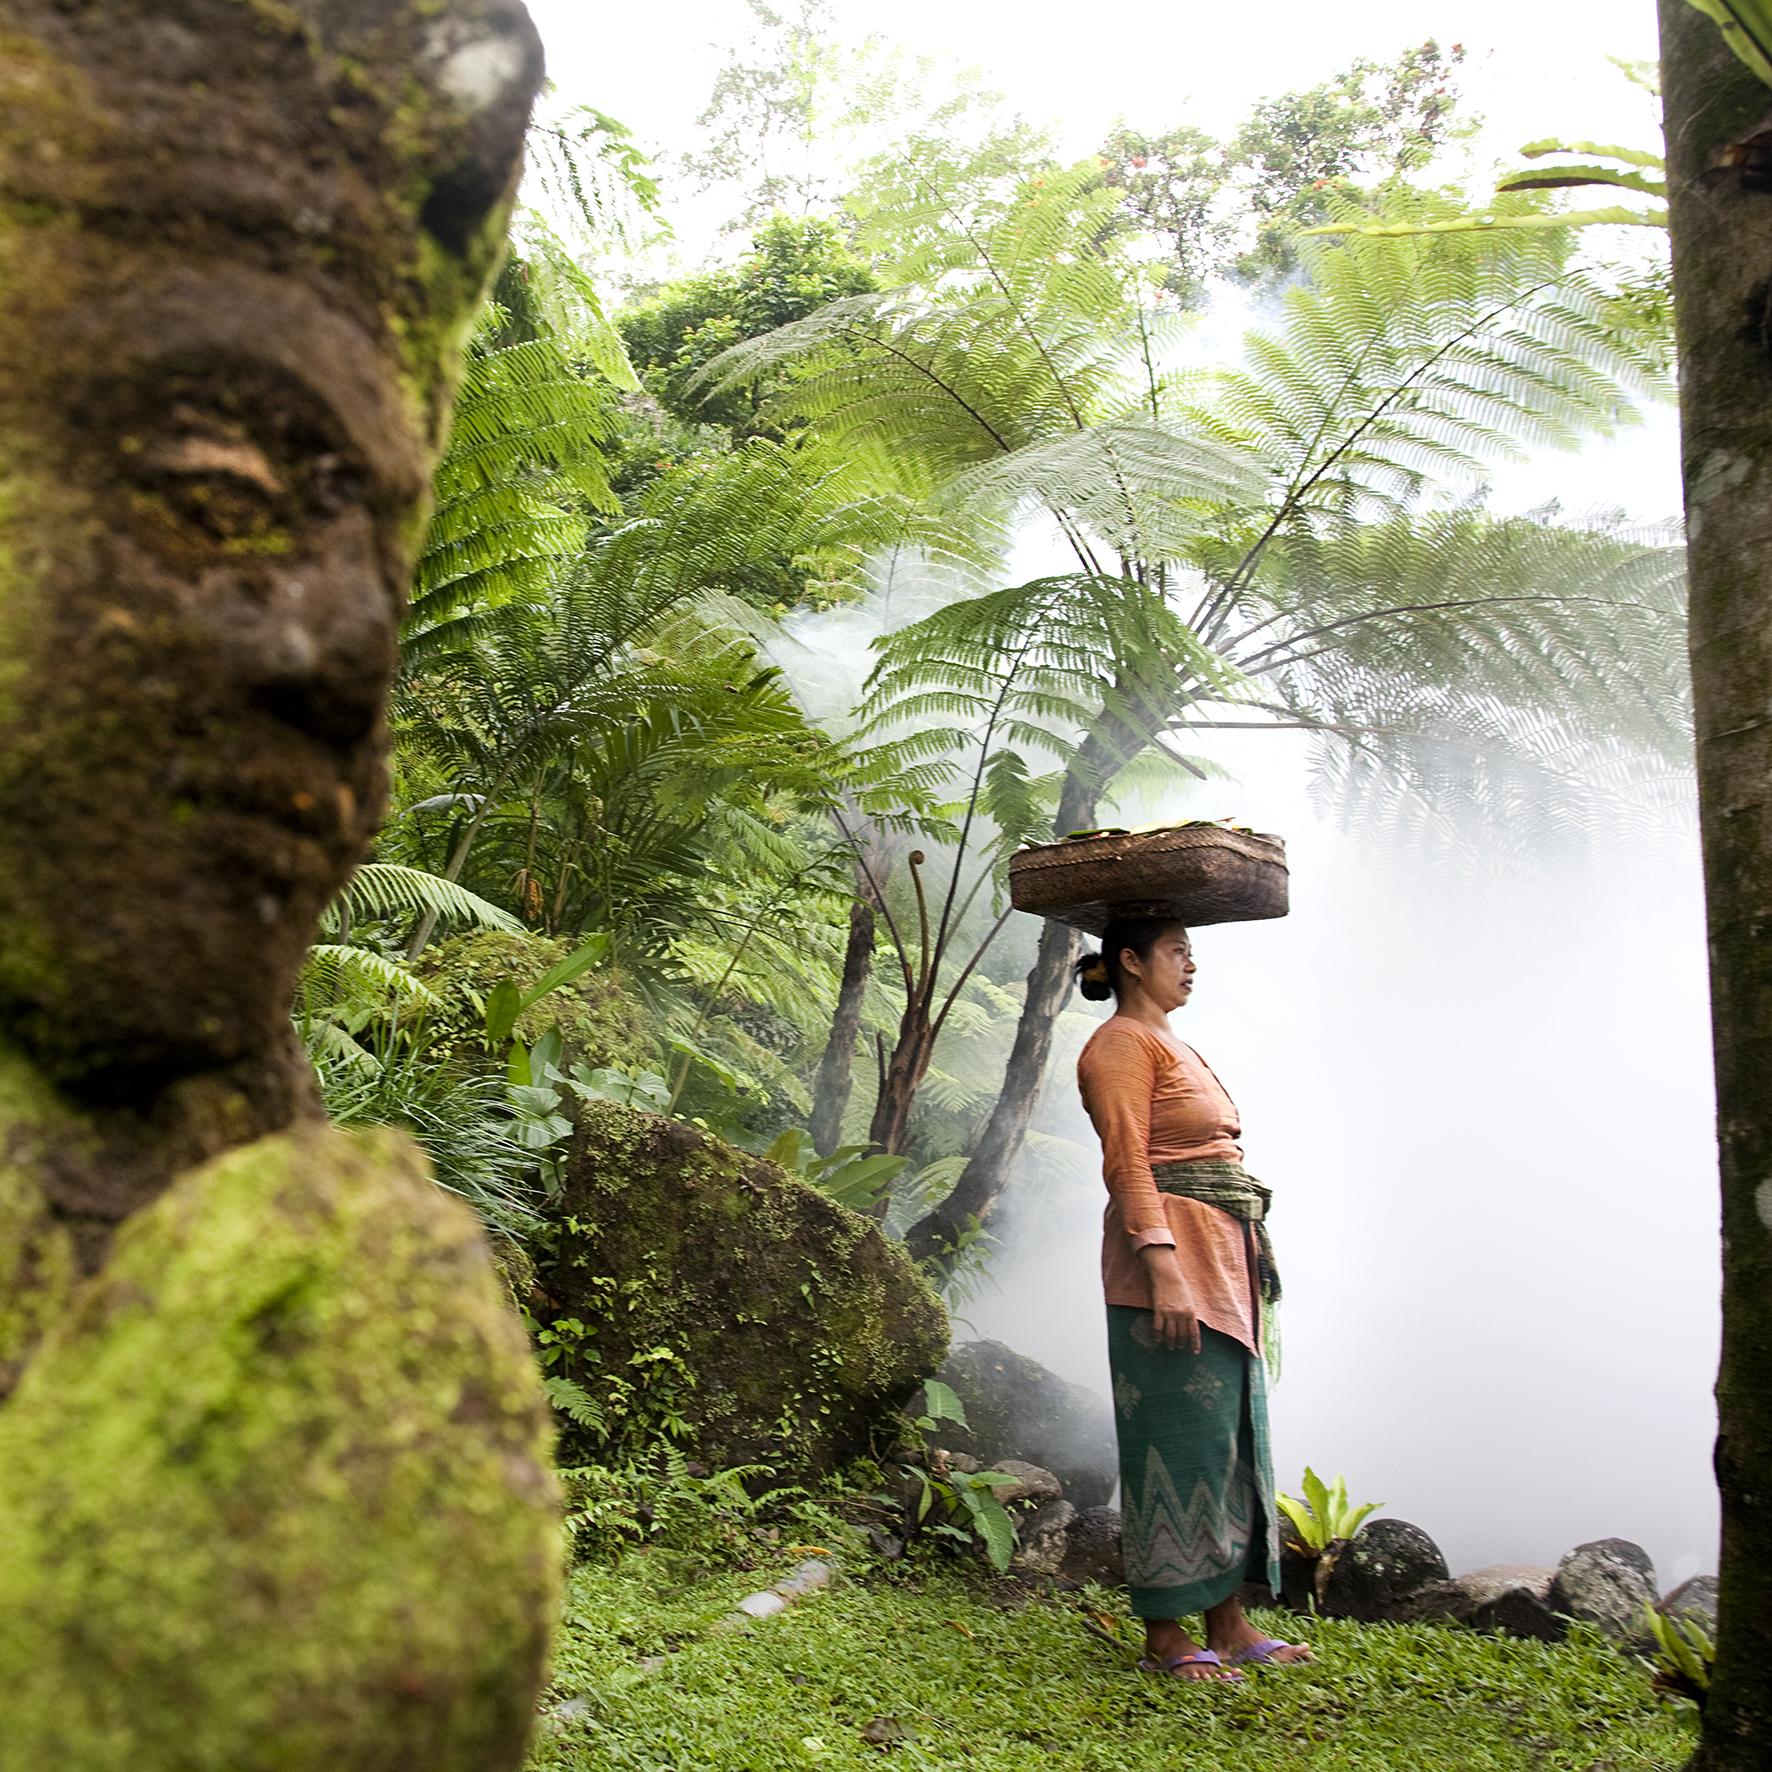 Women in Bali foto 1